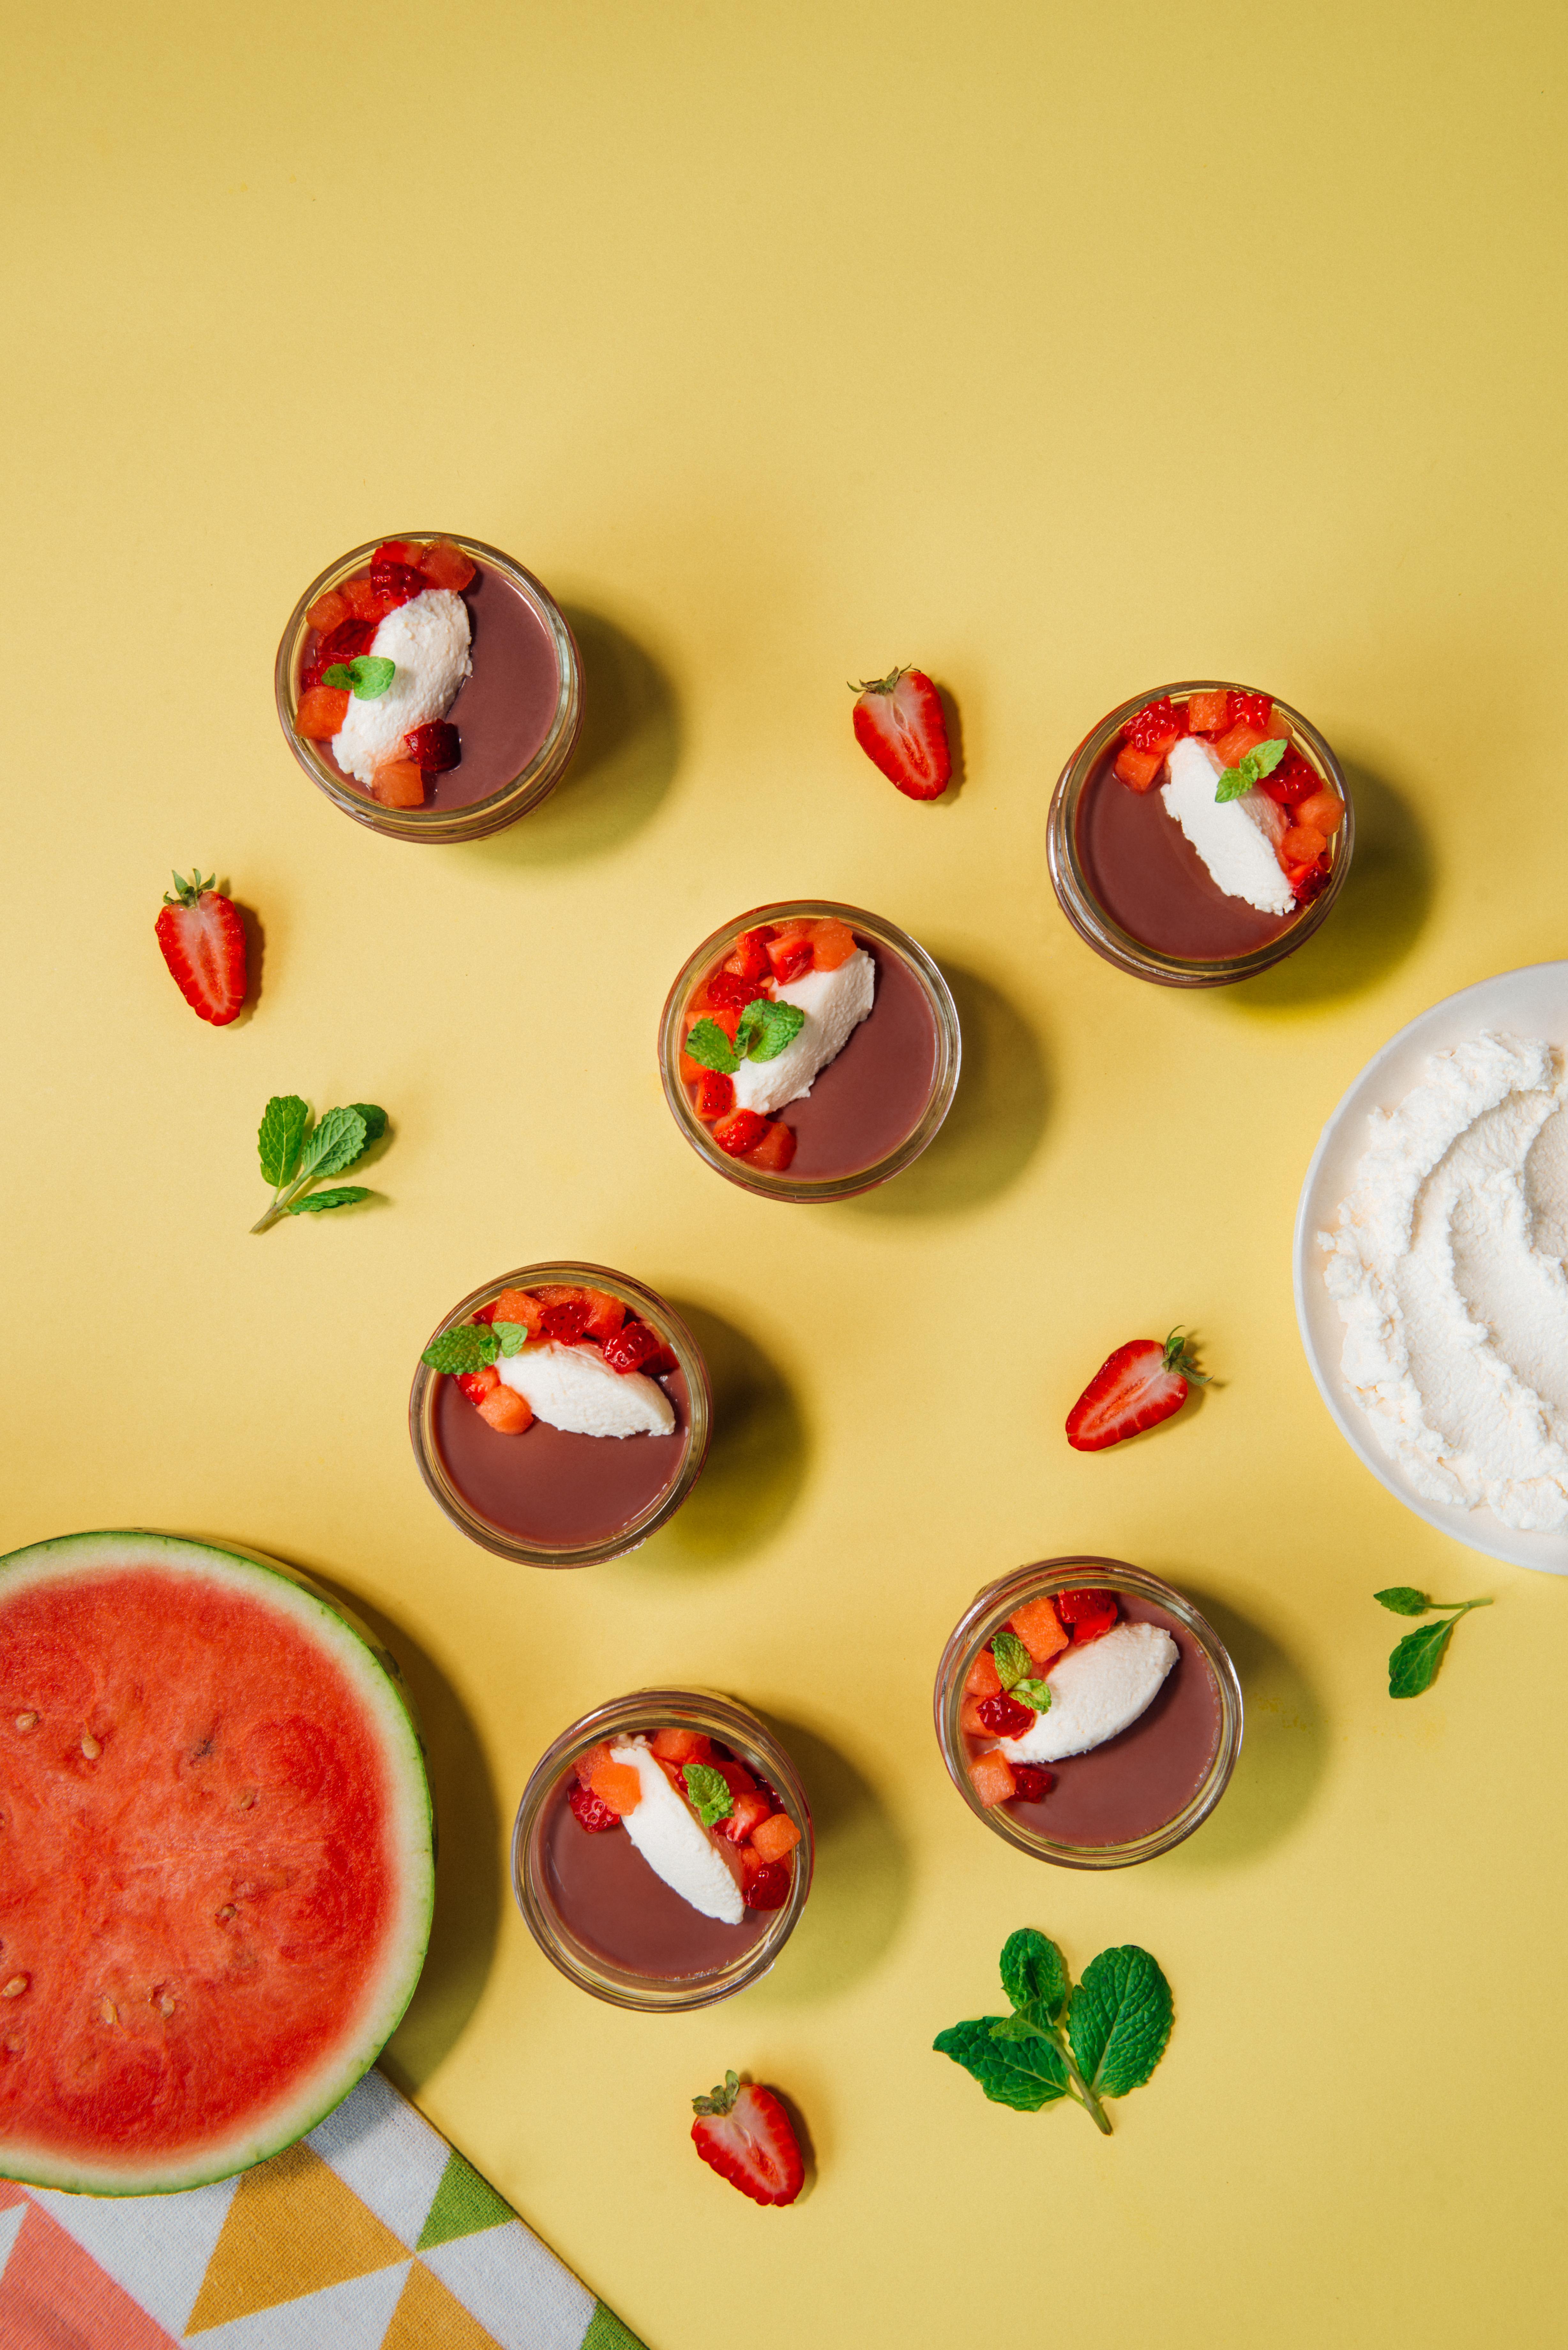 Panna cotta au lait au chocolat, fraise et melon d'eau